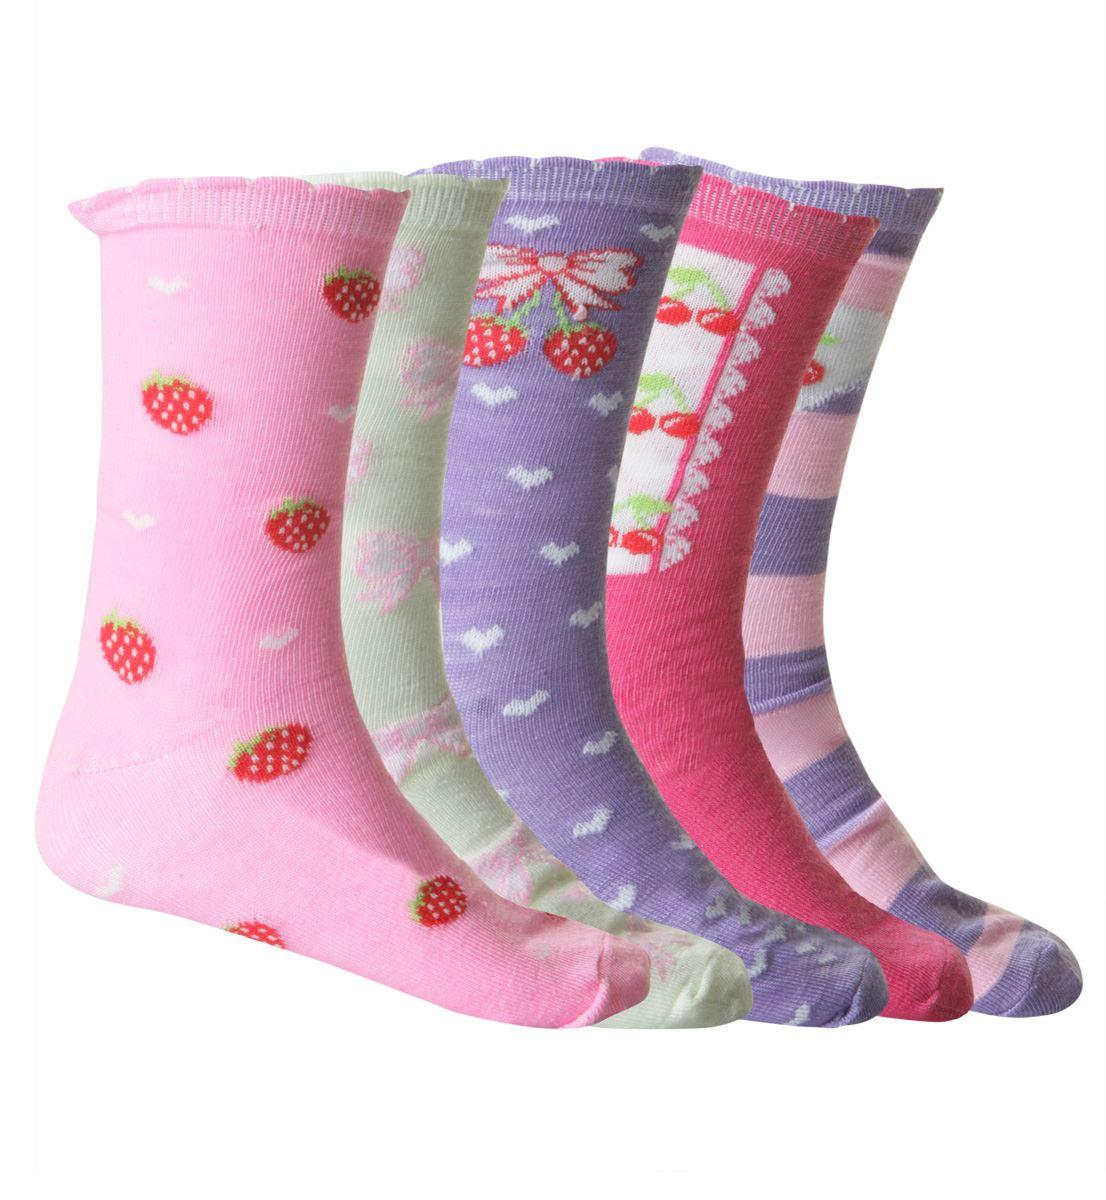 5 Pack Girls Children's Kids Designer Character Cotton Socks All Sizes Available